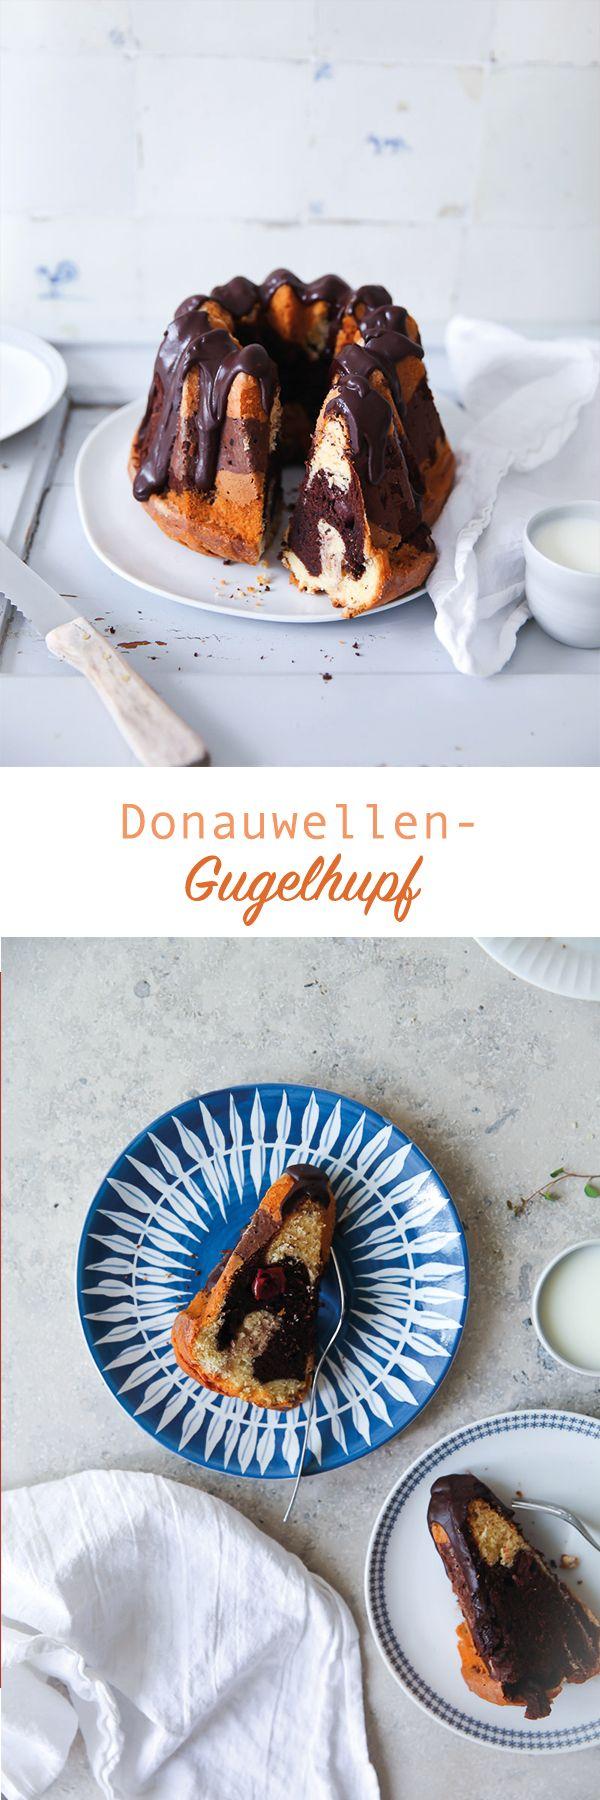 Donauwellen Gugelhupf / Kirschkuchen /Marmorkuchen / Marmorkuchen Gugelhupf / marble bundt cake / www.zuckerzimtundliebe.de / cherry cake